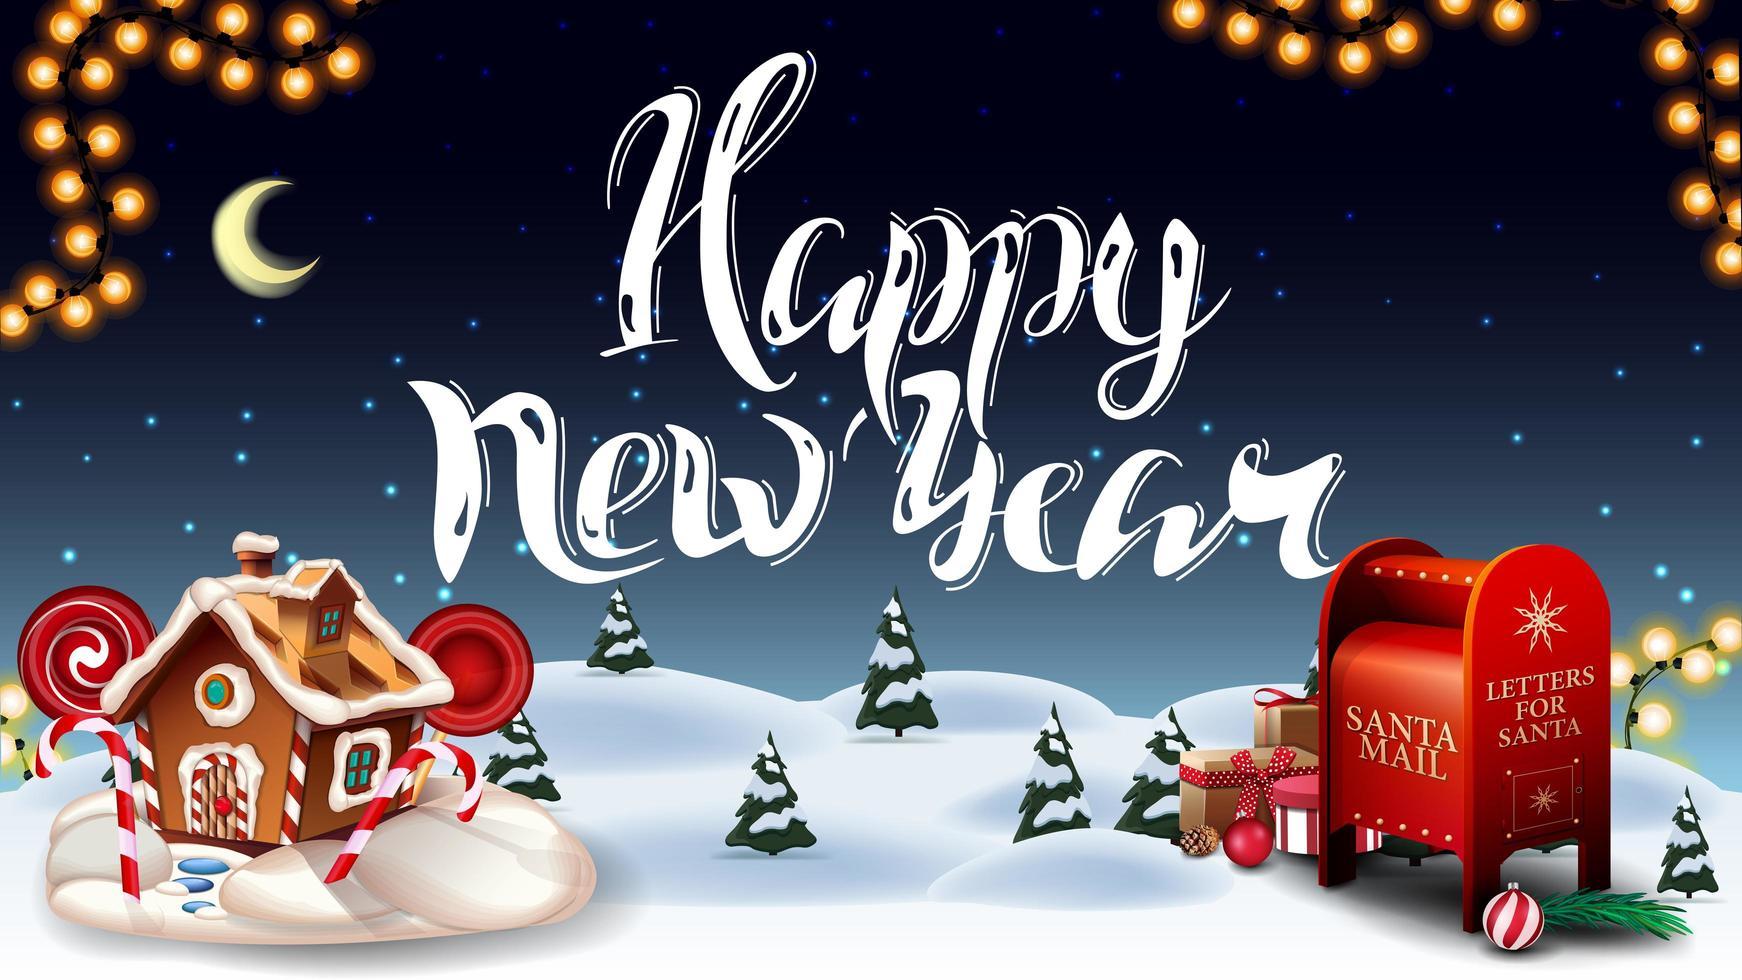 bonne année, carte postale de voeux avec forêt d'hiver de dessin animé, ciel étoilé, guirlande, beau lettrage, boîte aux lettres du père Noël avec des cadeaux et maison en pain d'épice de Noël vecteur